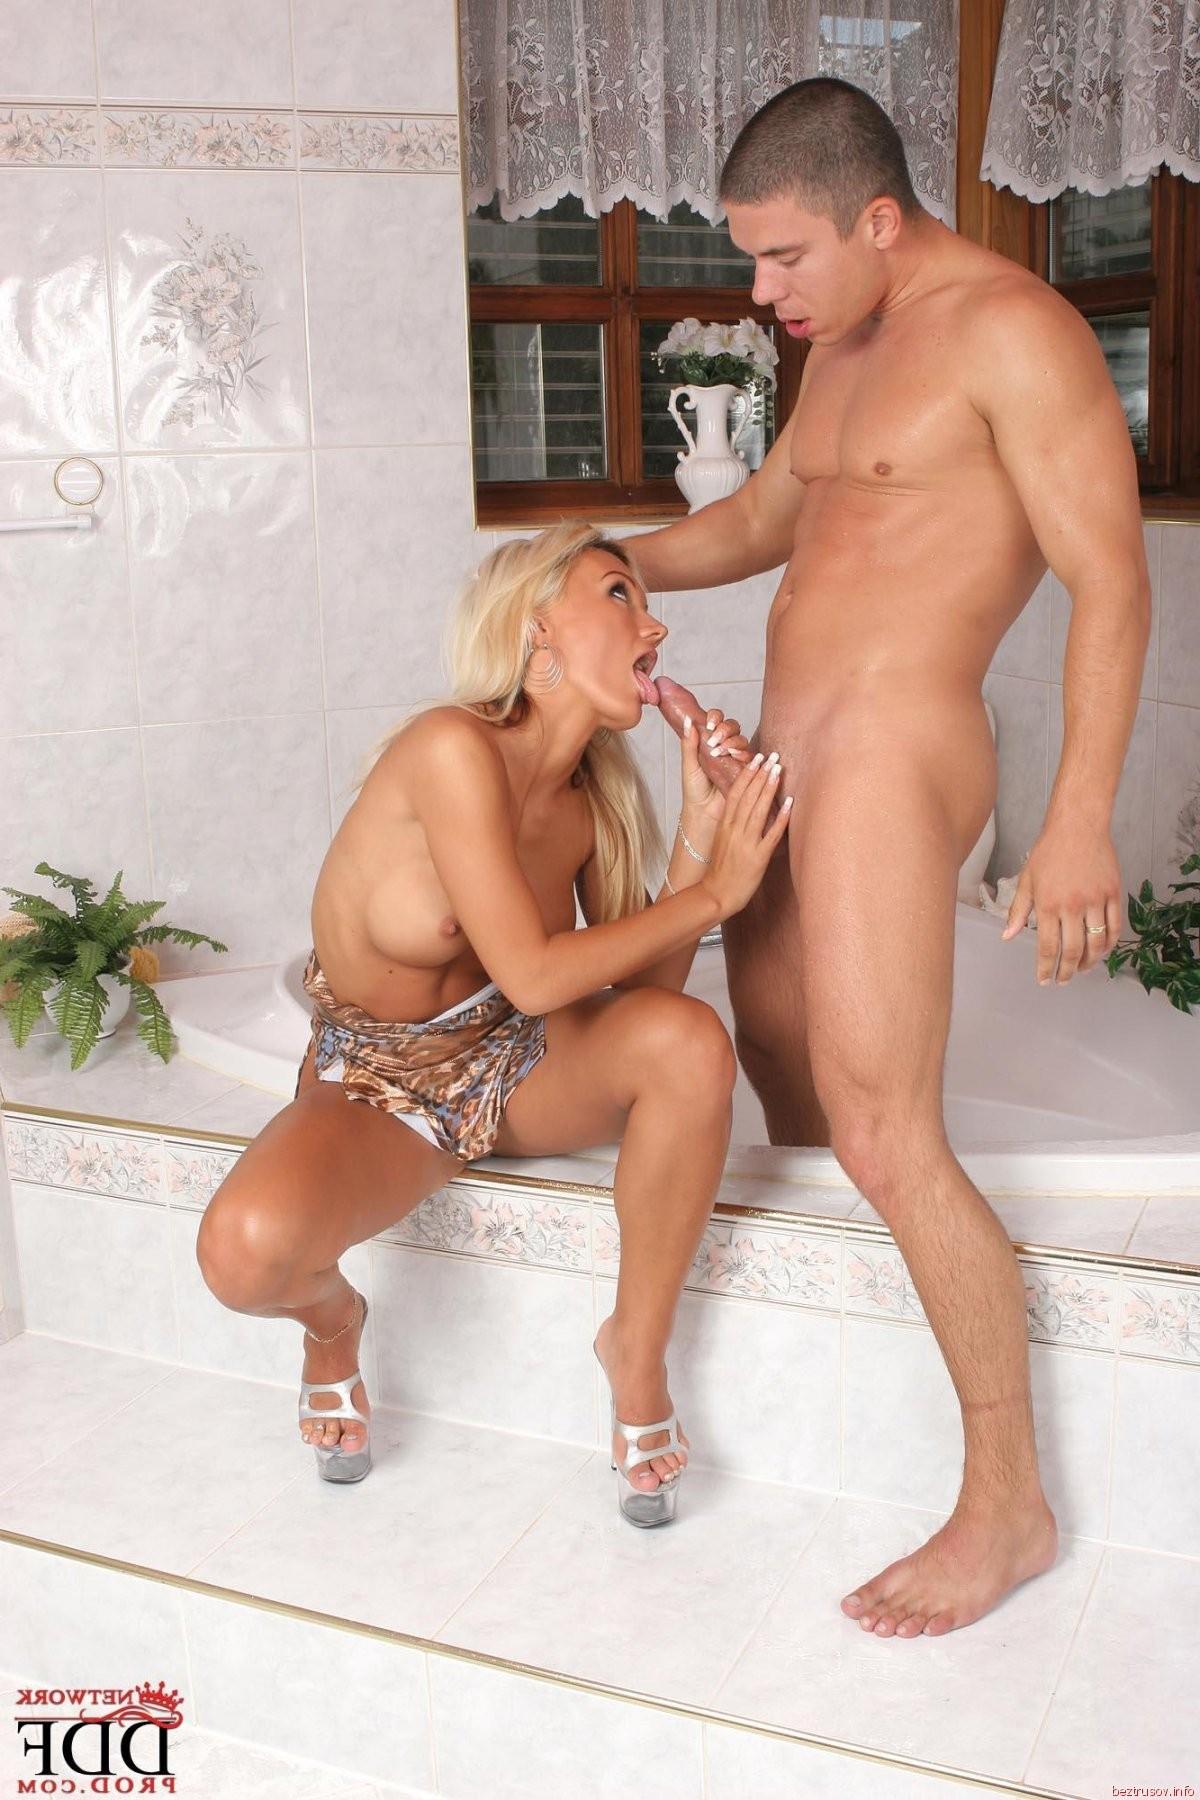 morena baccarin nude photos – Strumpfhose